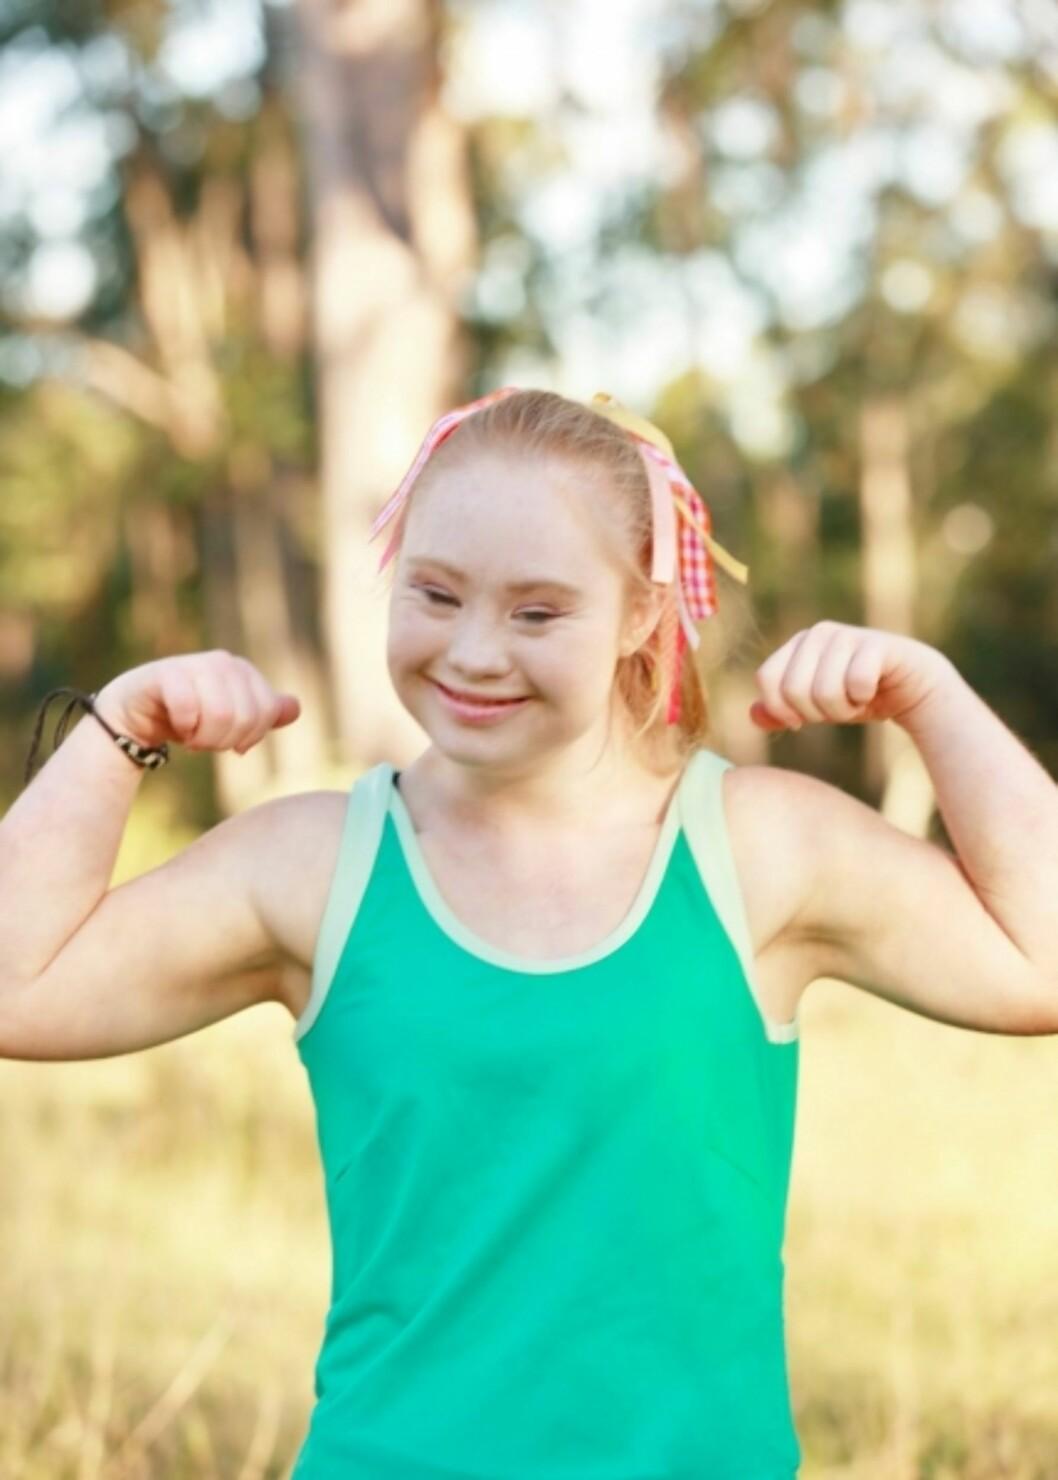 GIKK NED 20 KG: Stuart bestemte seg for å gå ned i vekt og satse på modelldrømmen. Nå kan du se henne i treningsklær fra Manifesta. Foto: Manifesta